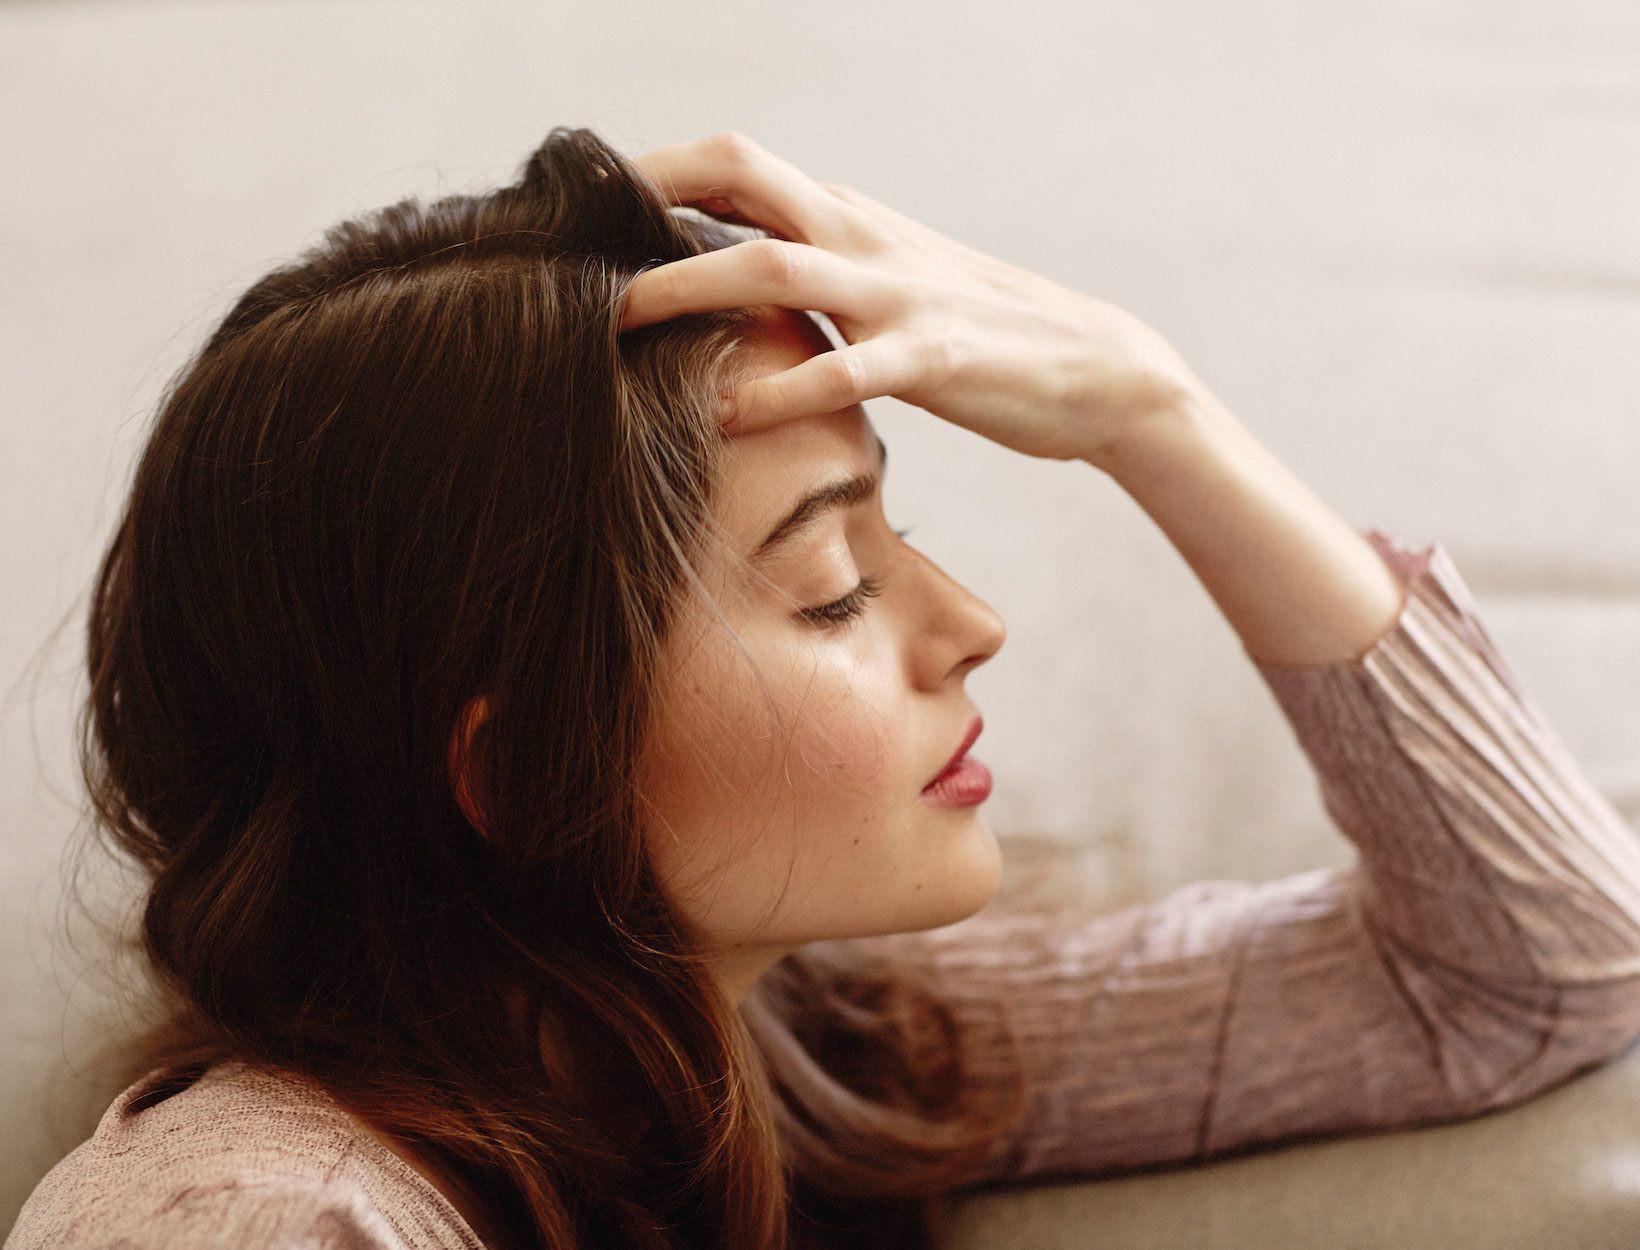 Thường xuyên giật mí mắt có thể là do một số vấn đề sức khỏe tai hại dưới đây - Ảnh 3